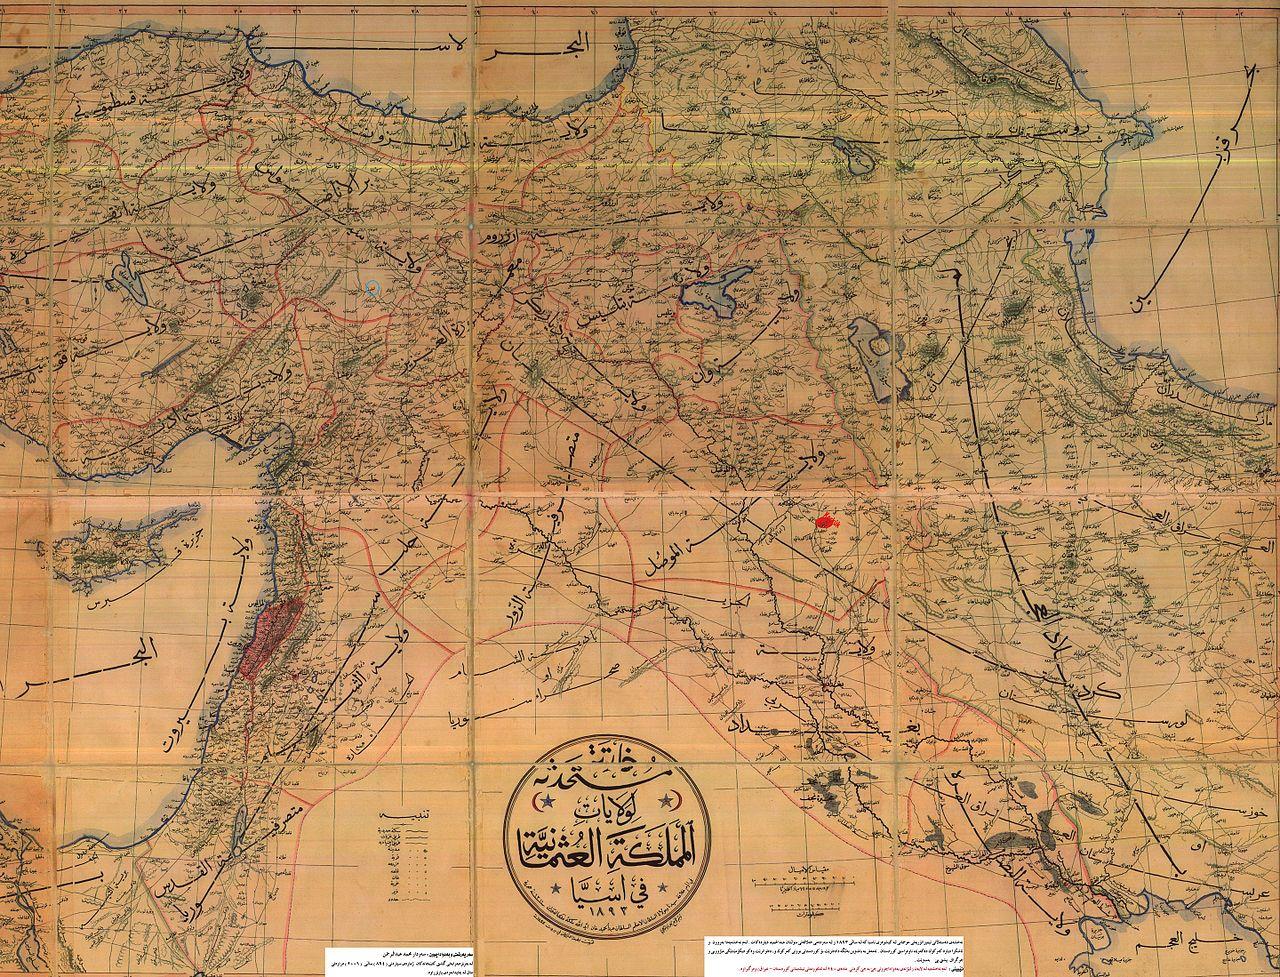 fileosmanlı haritası sivas vilayeti tanıl tabii g252r252n